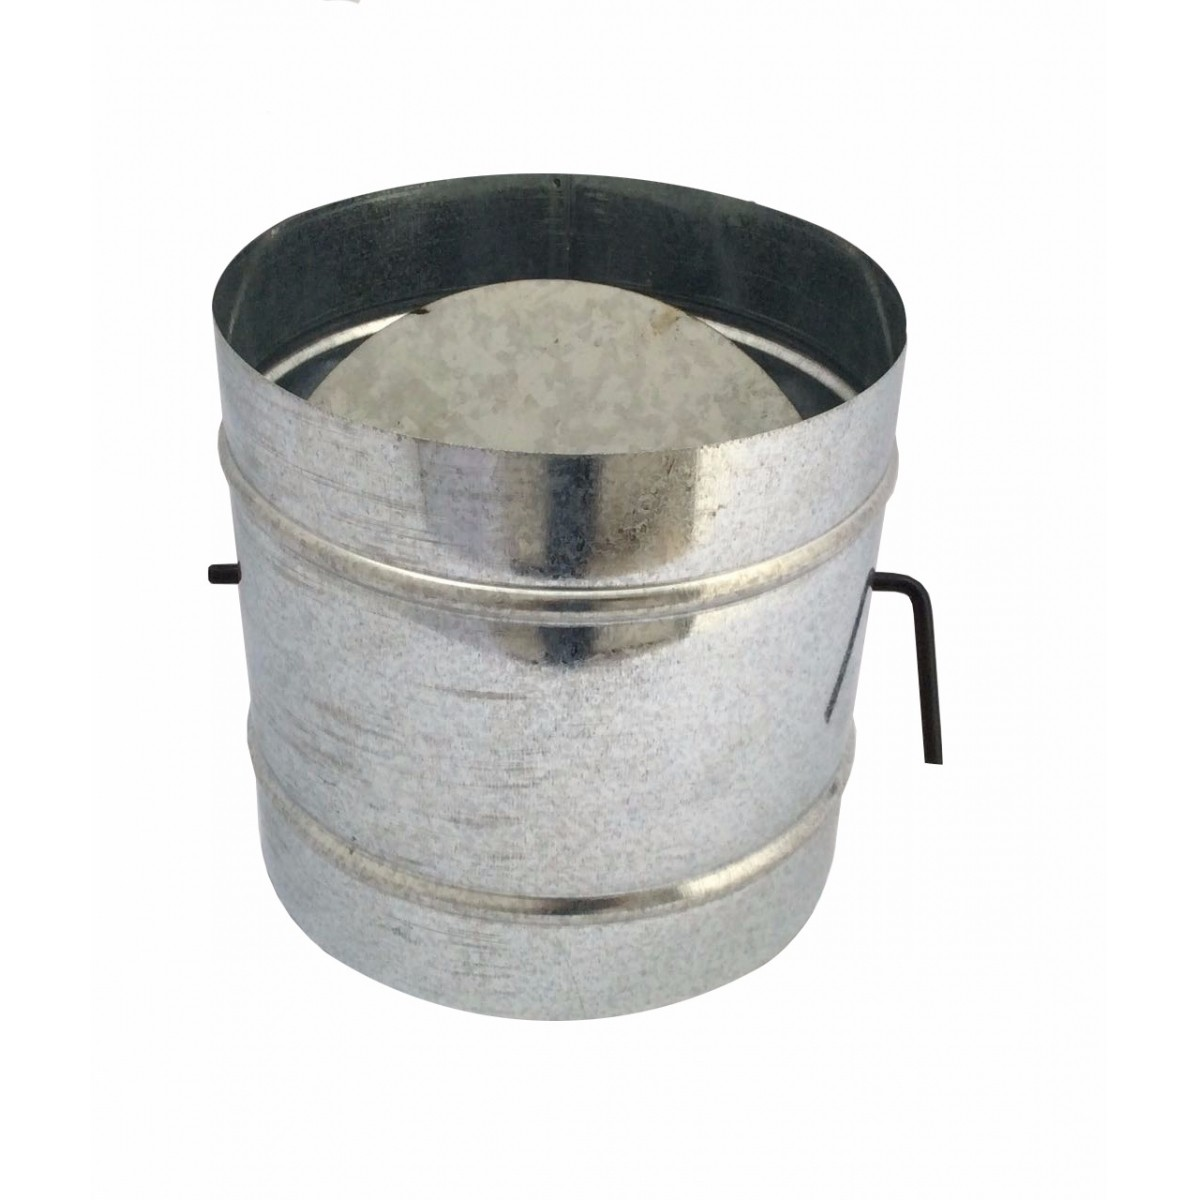 Registro / dumper galvanizado para chaminé de 180 mm de diâmetro  - Galvocalhas